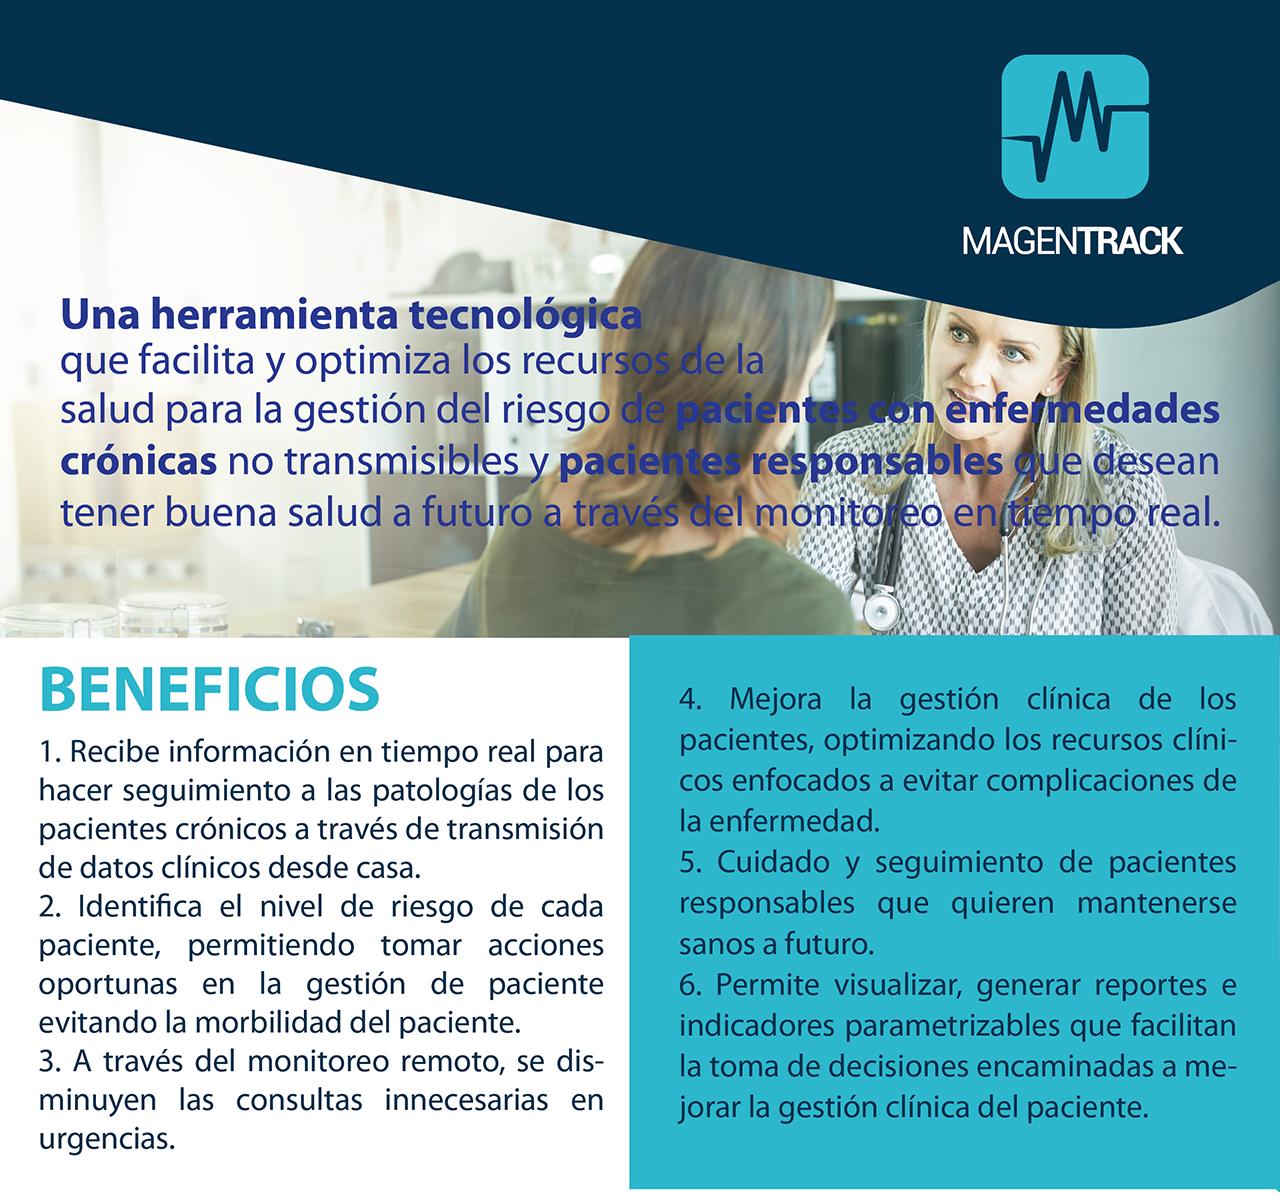 PaginaWeb-CONTENIDO-magentrack-03